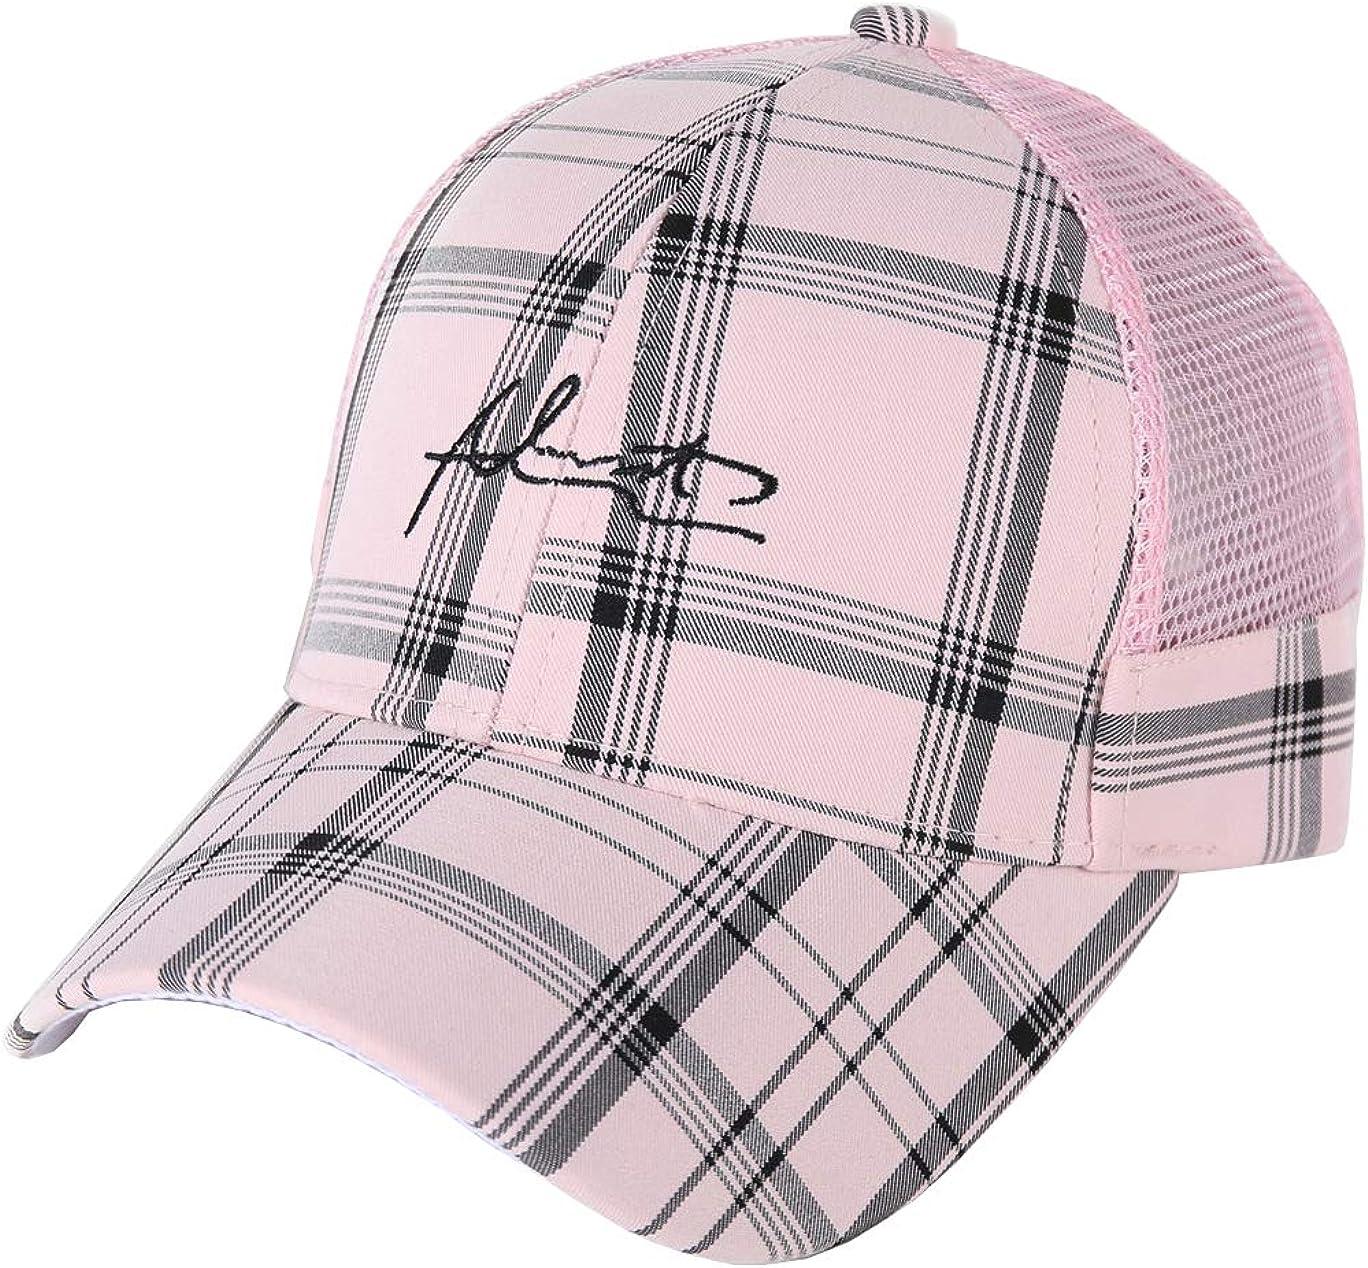 ACVIP Little Girls Plaid Net Fabric Hip-hop Casual Baseball Cap